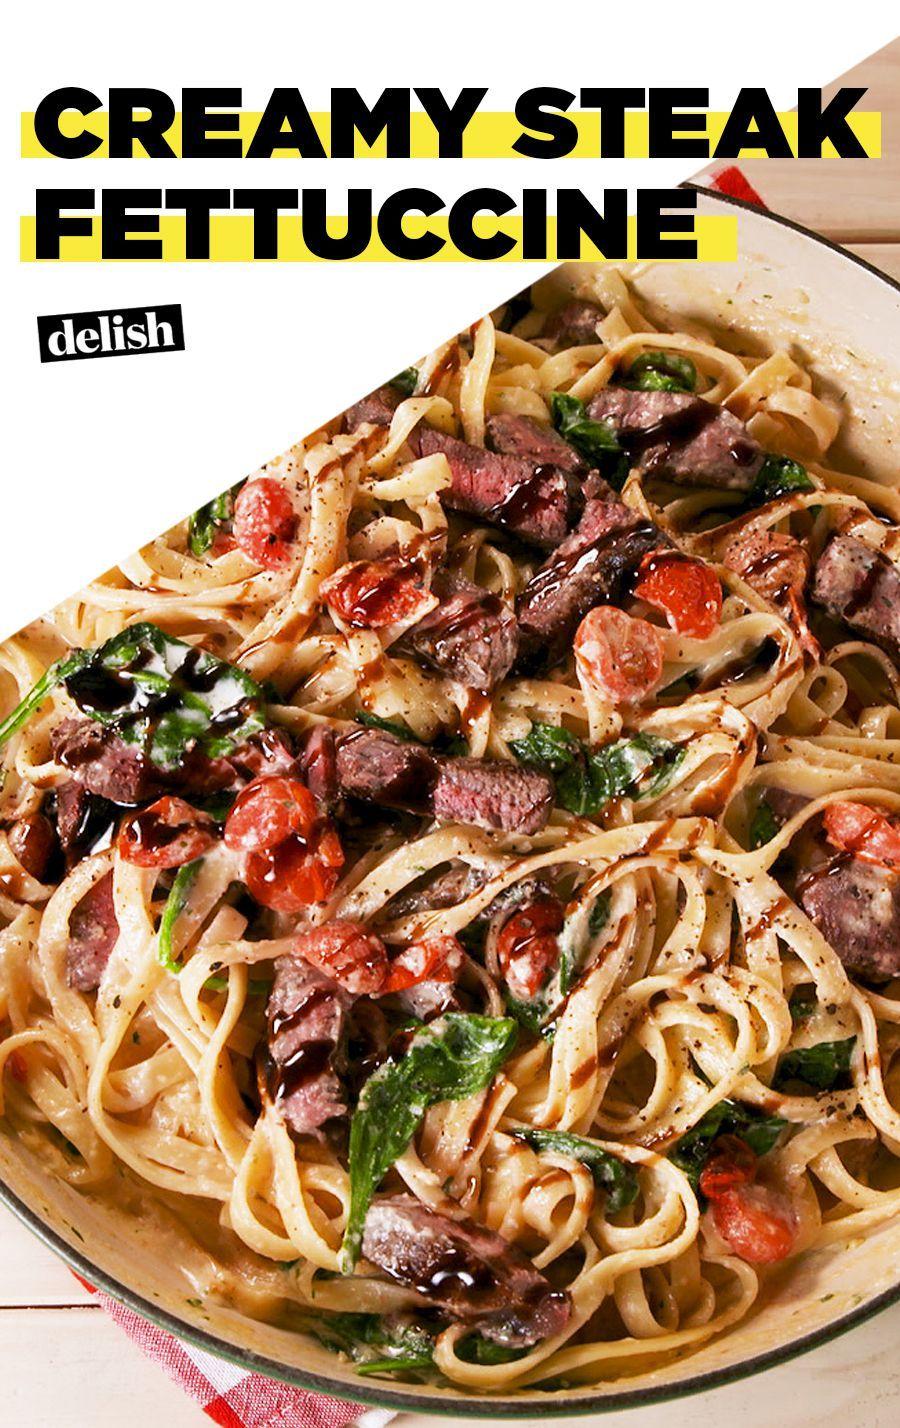 Creamy Steak Fettuccine | Recipe | Steak, Pasta and Recipes